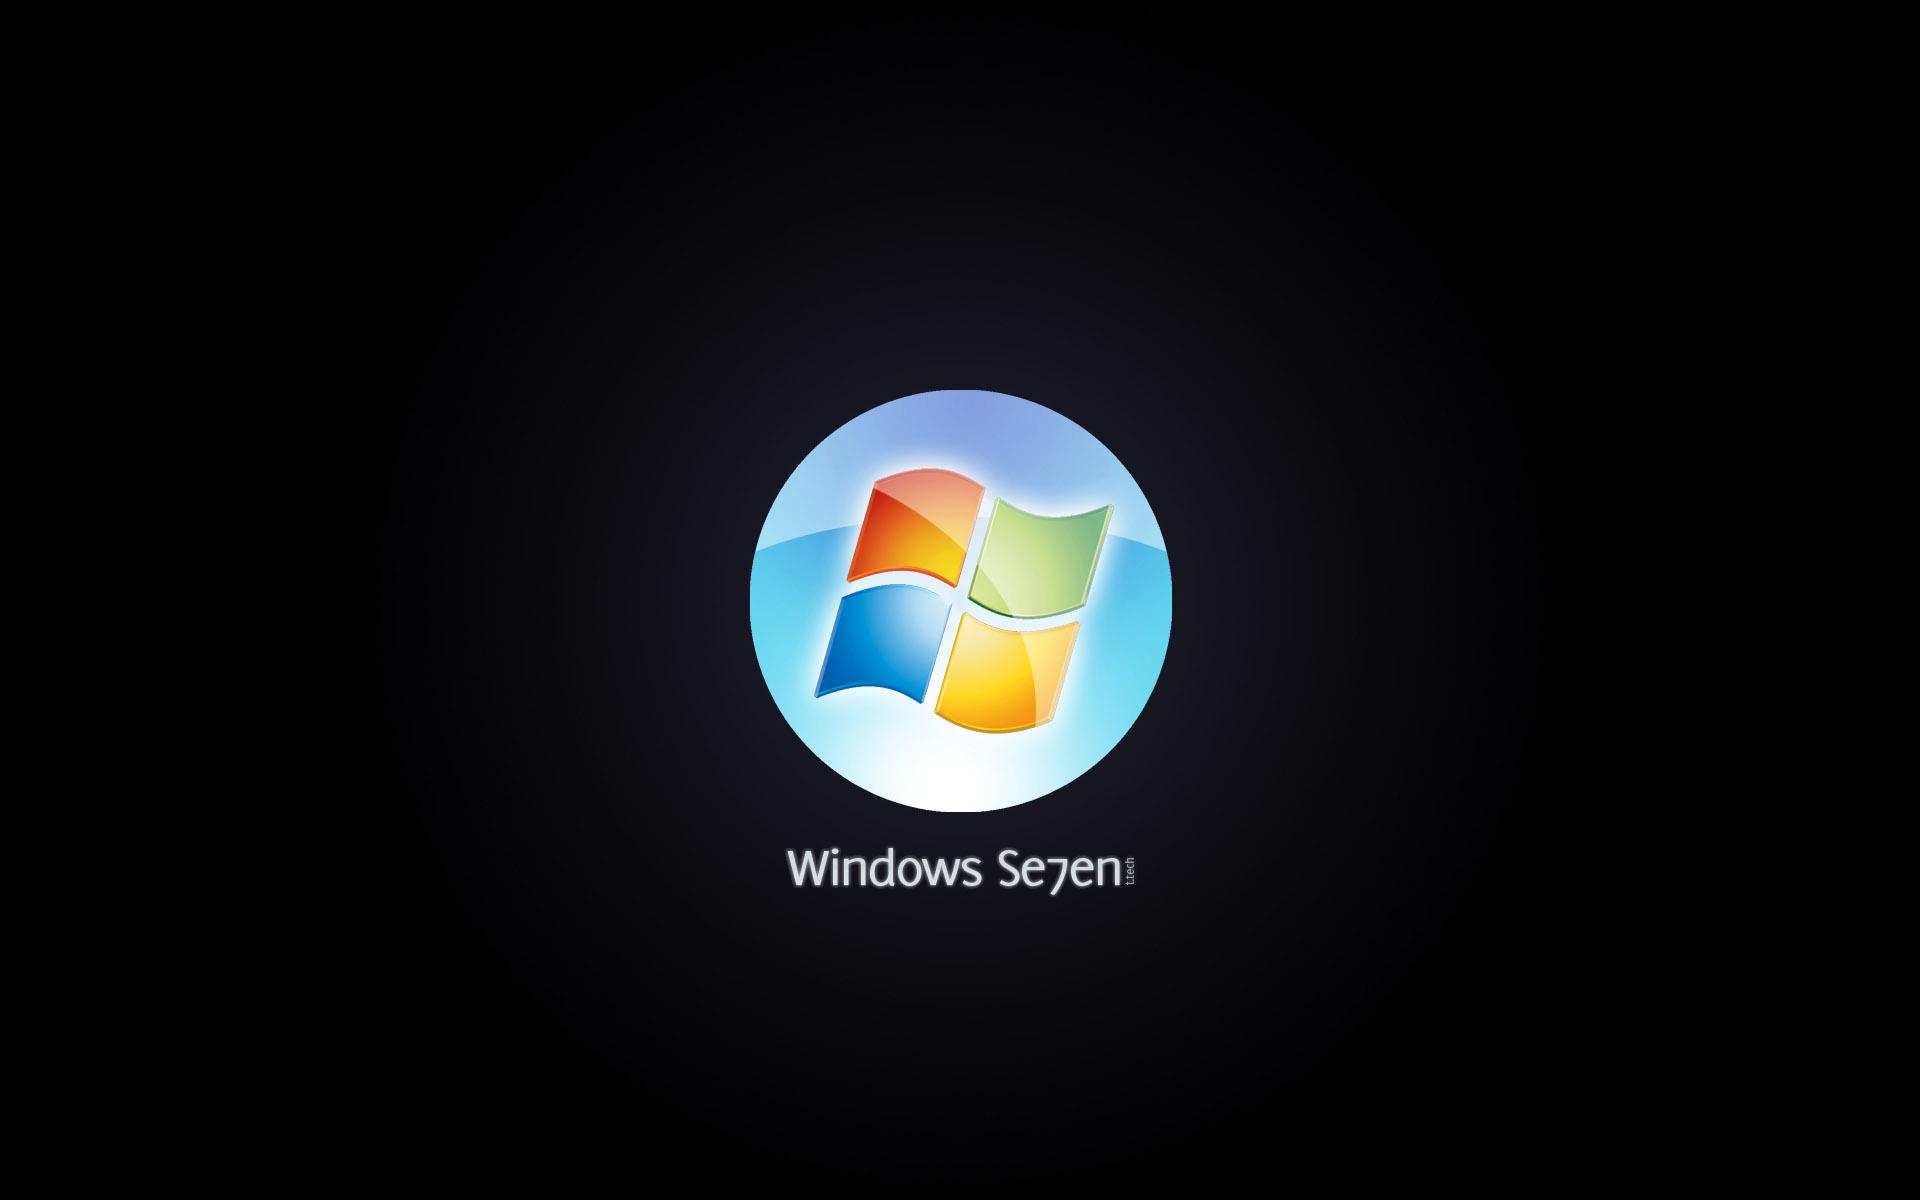 Dopo la lista dei 50 sfondi di alta qualit per Windows 7 ecco una 1920x1200